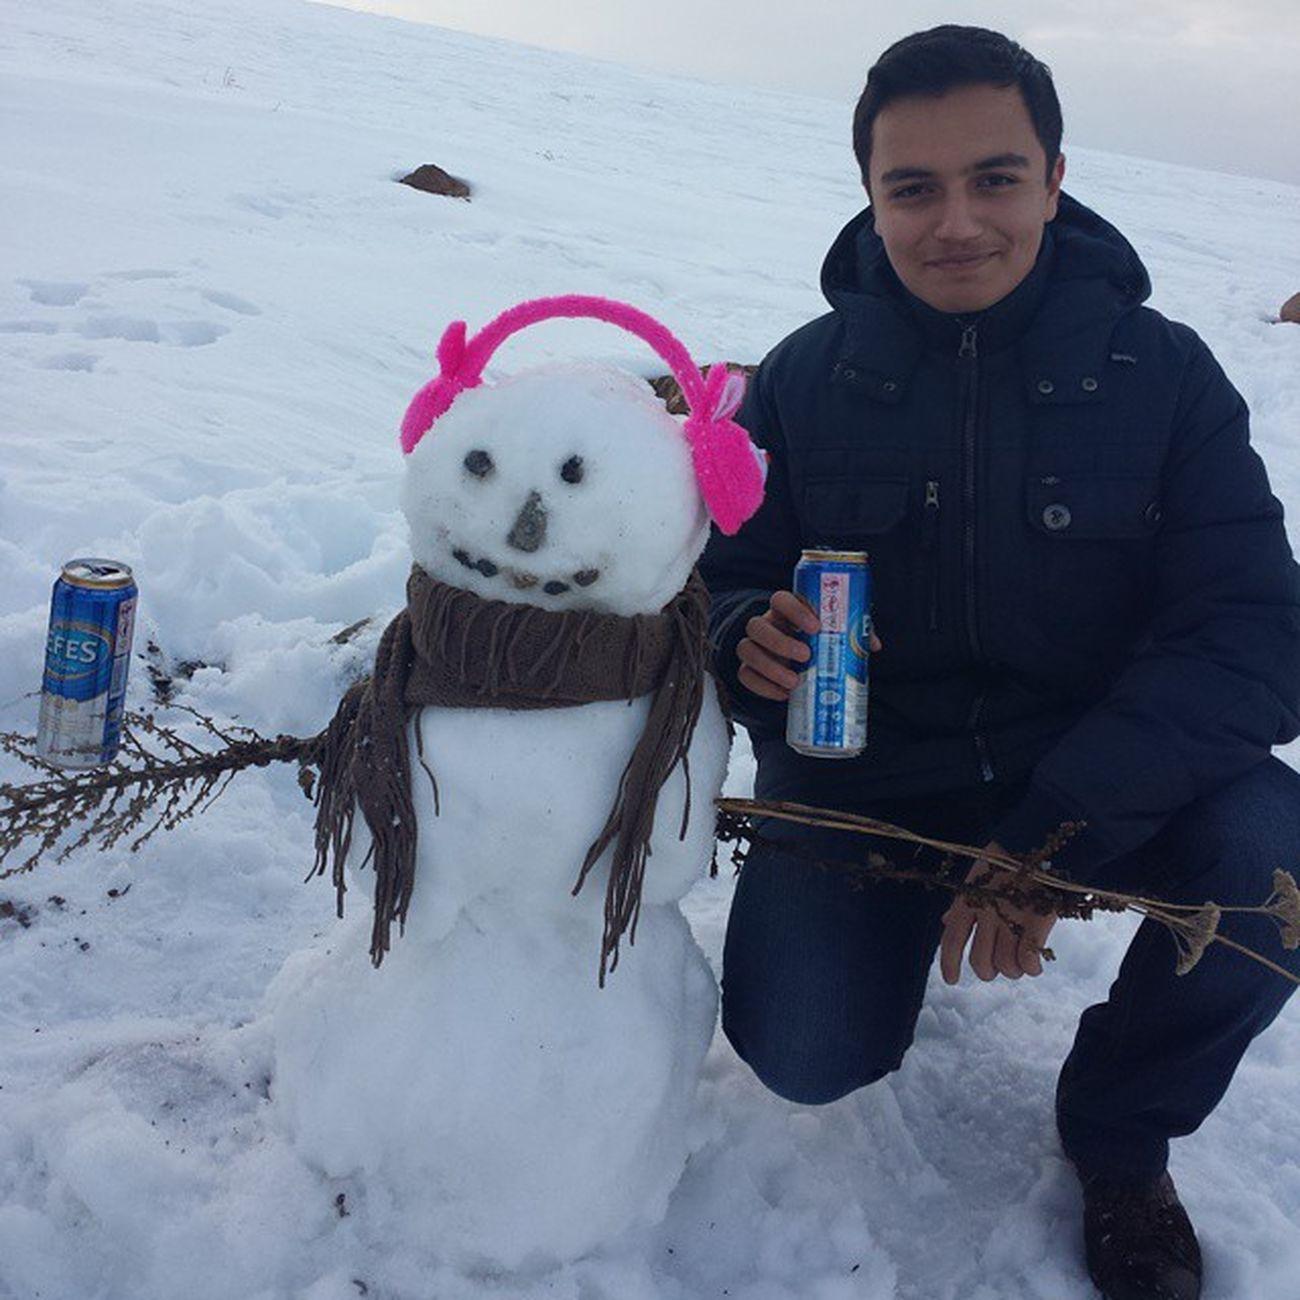 Kardankadın Yaptık Içtik Dertlestik 😁😁😁 erciyes kayak 😁😁